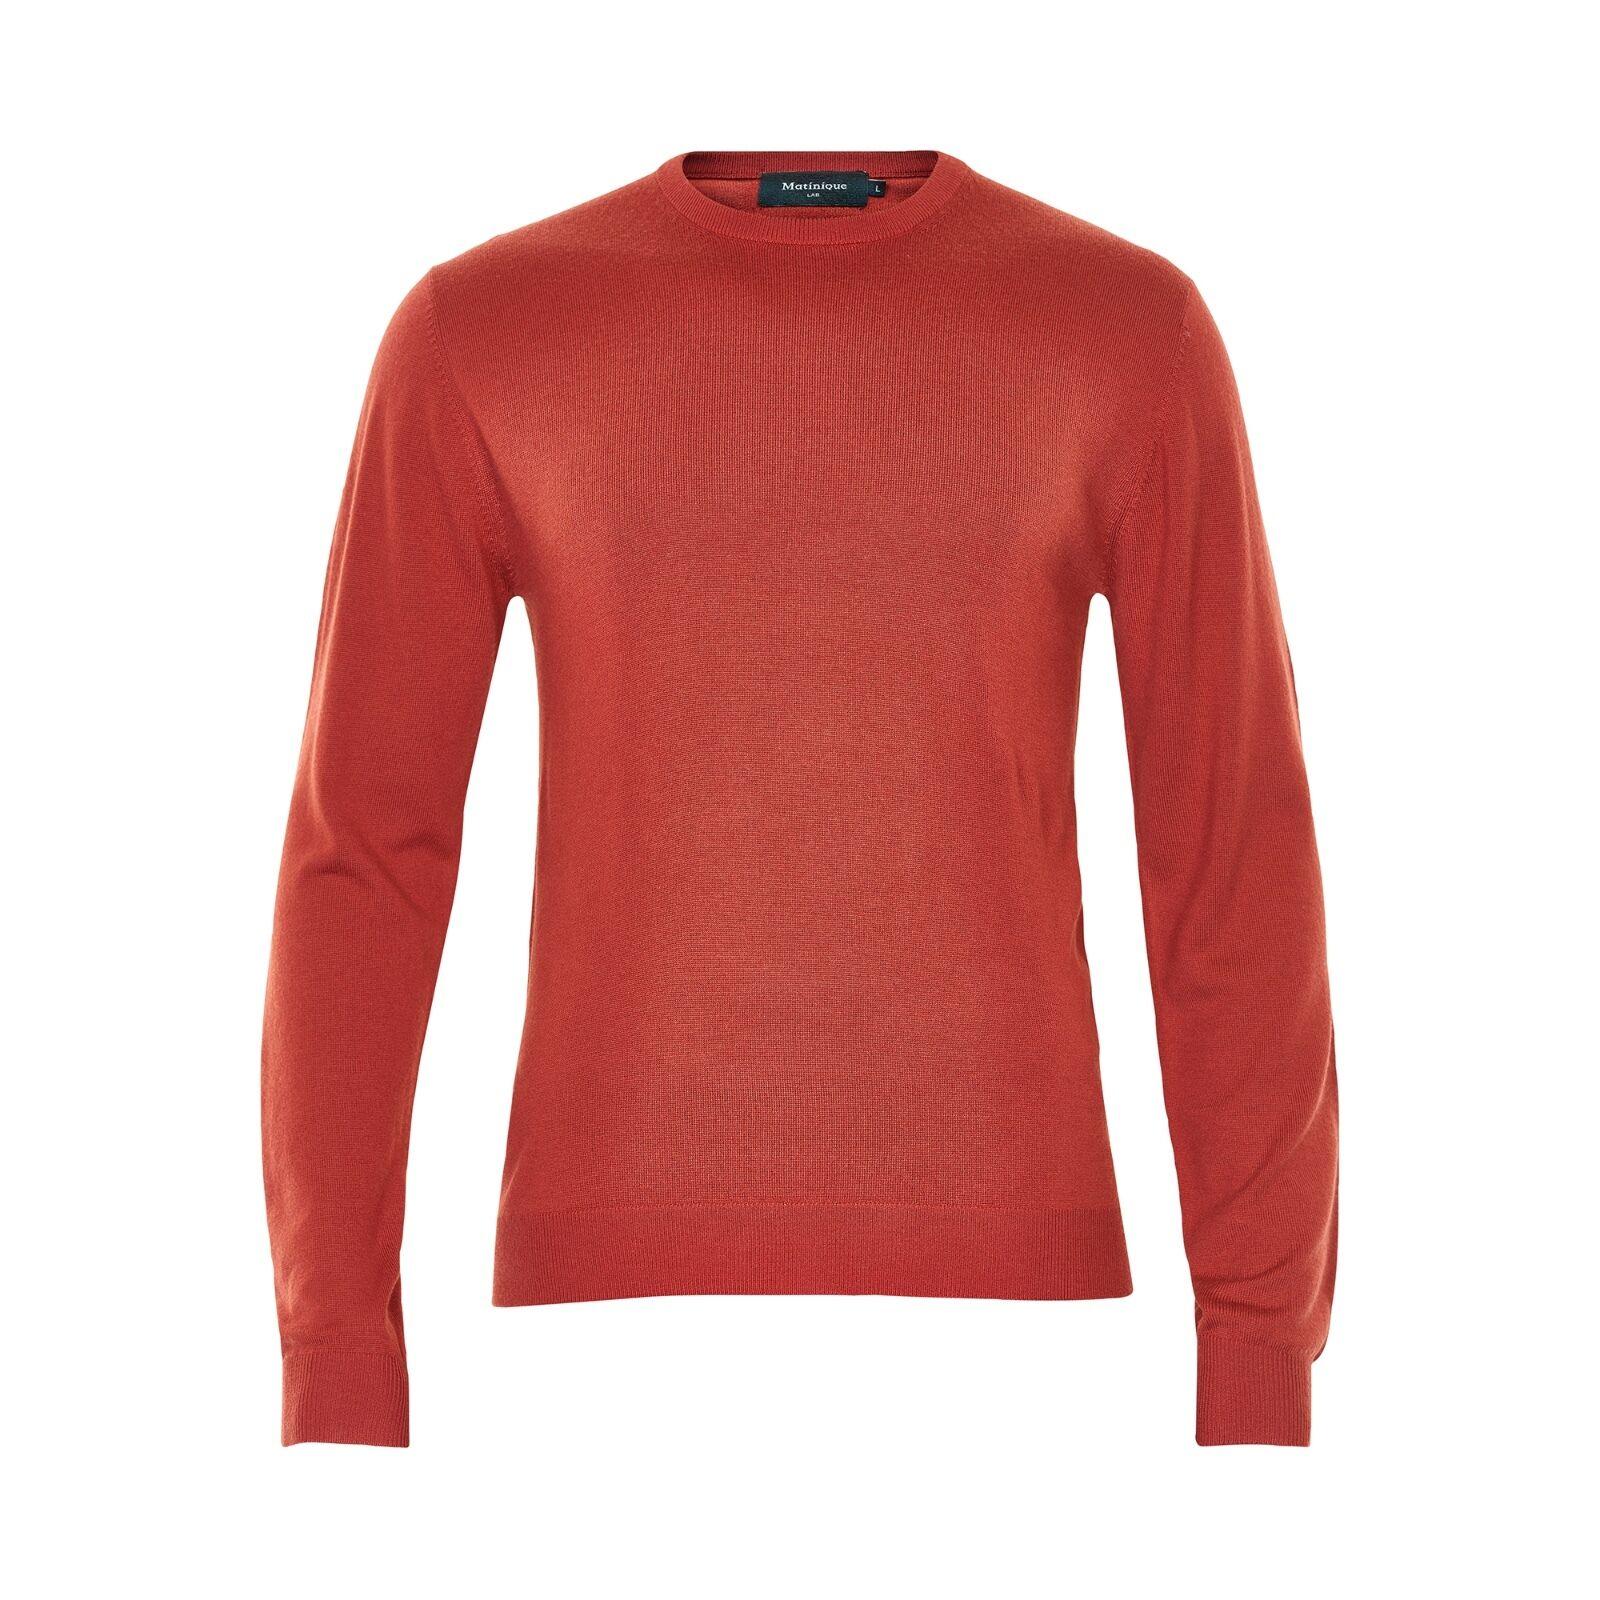 Matinique Margrate Merino Wool Jumper/ROT Ochre - Medium SRP